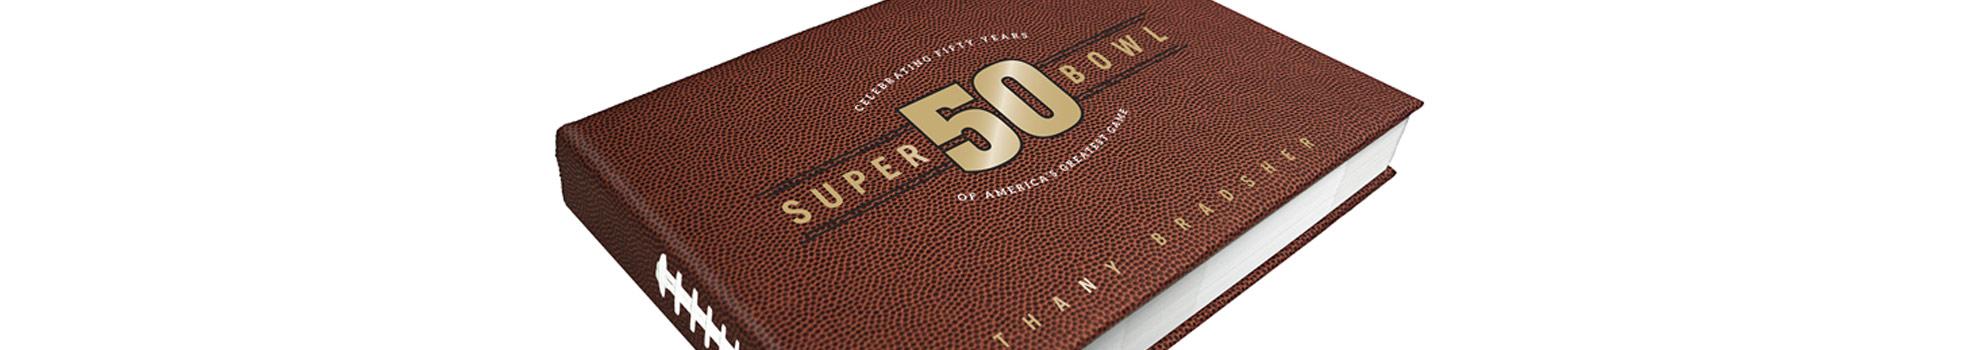 banner-superbowl